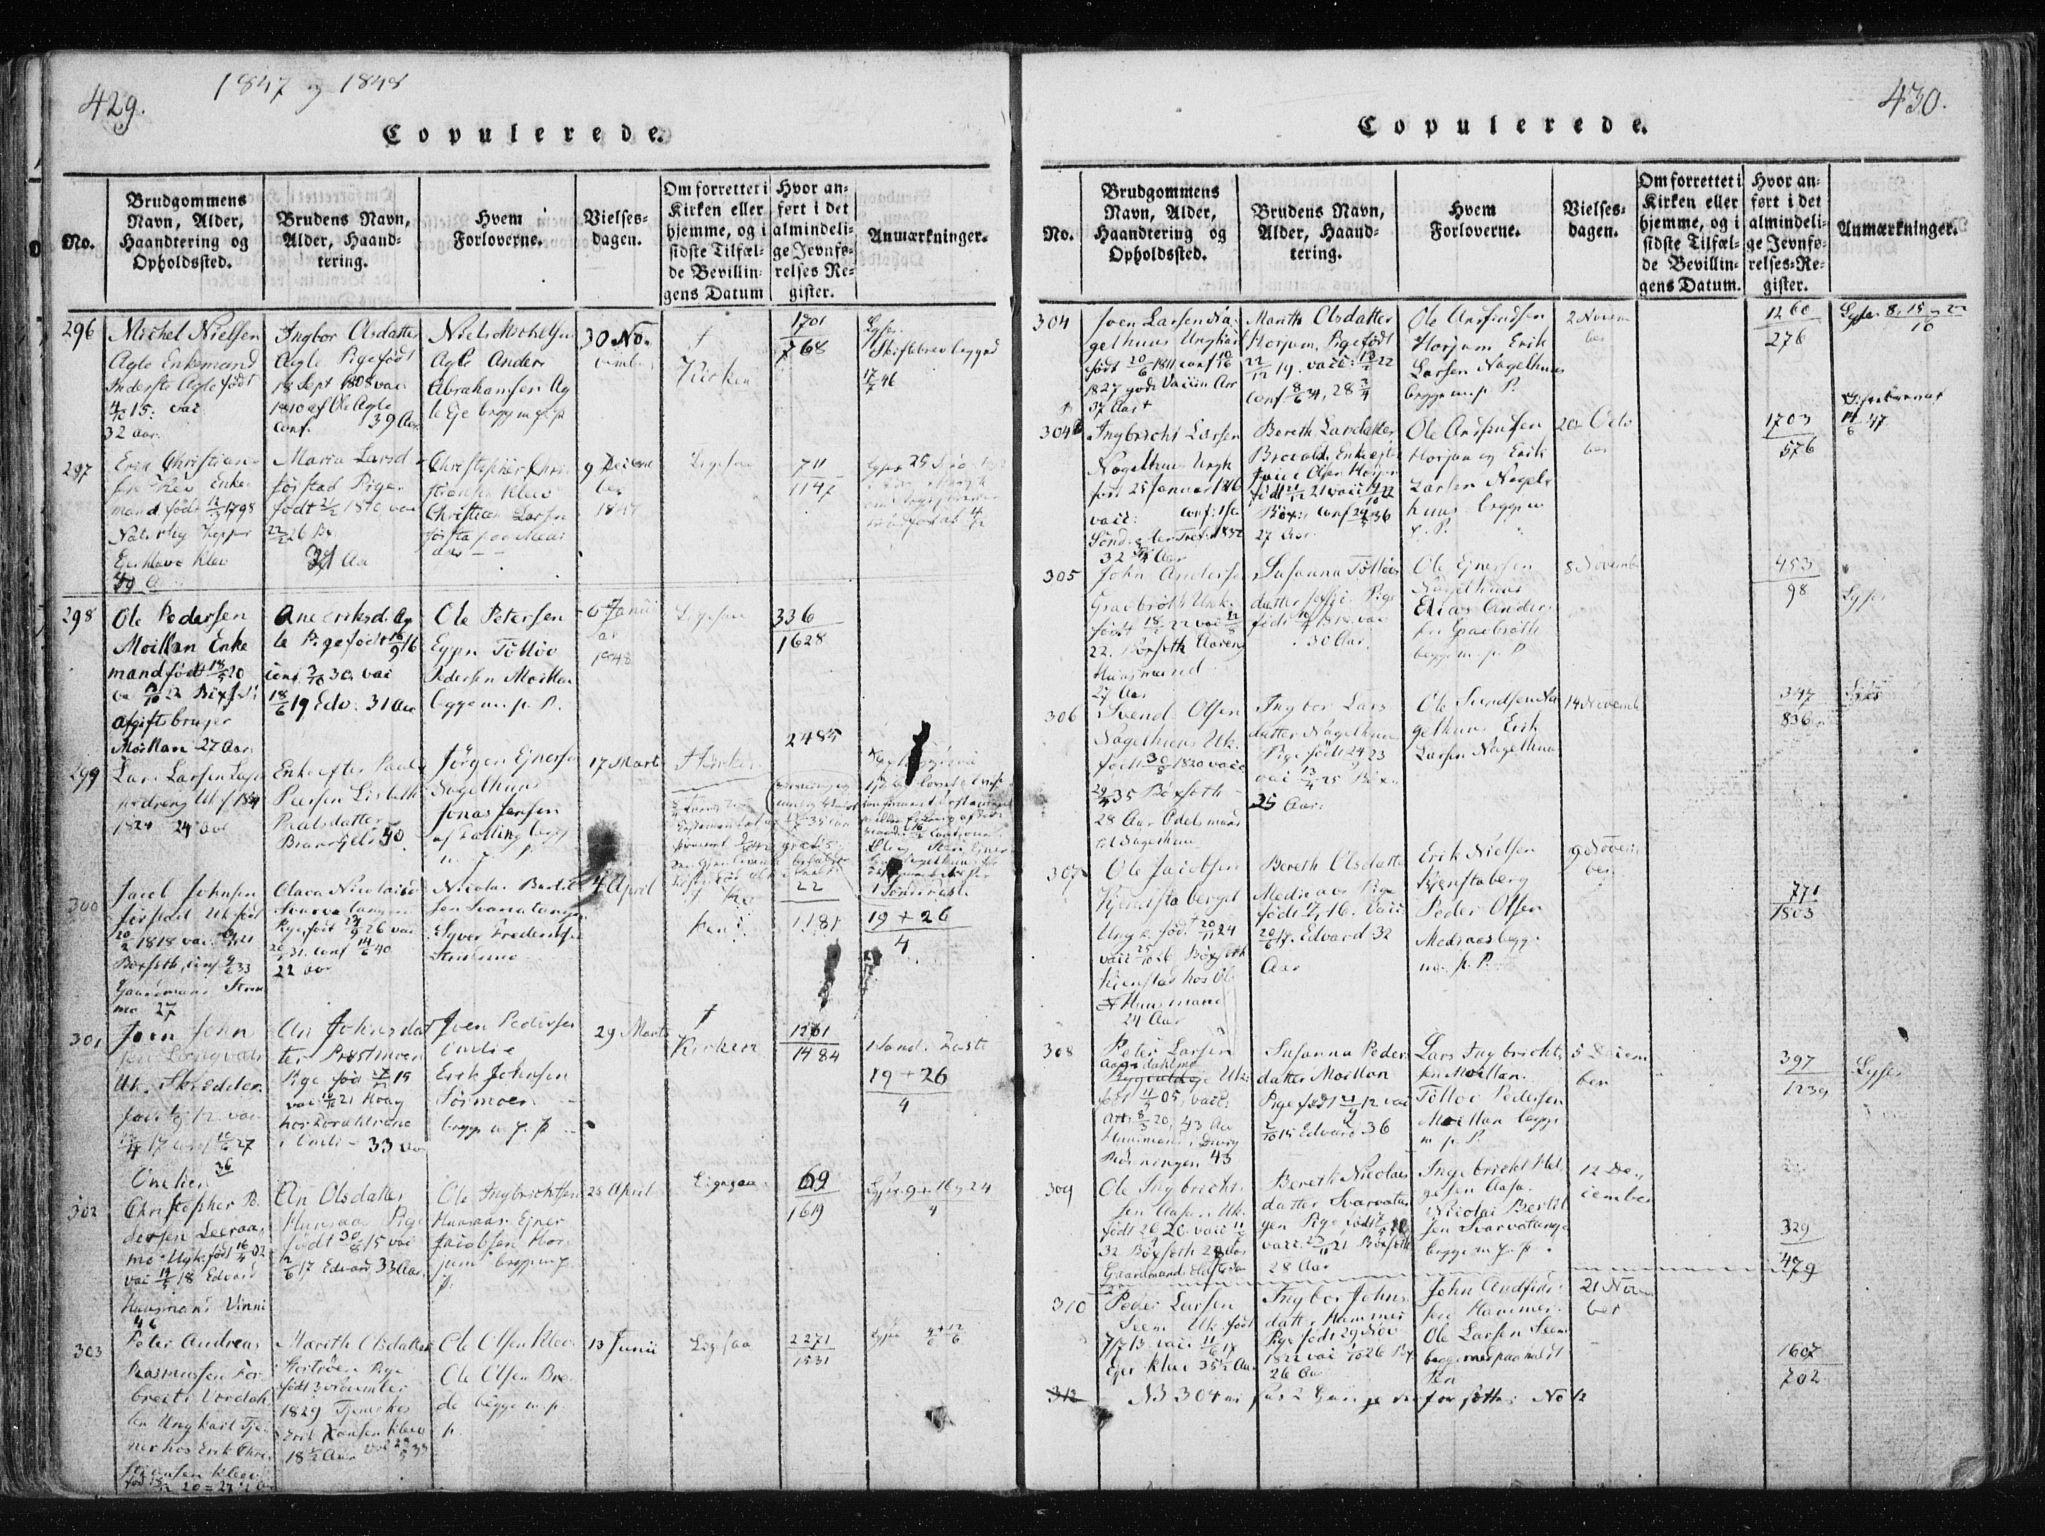 SAT, Ministerialprotokoller, klokkerbøker og fødselsregistre - Nord-Trøndelag, 749/L0469: Ministerialbok nr. 749A03, 1817-1857, s. 429-430